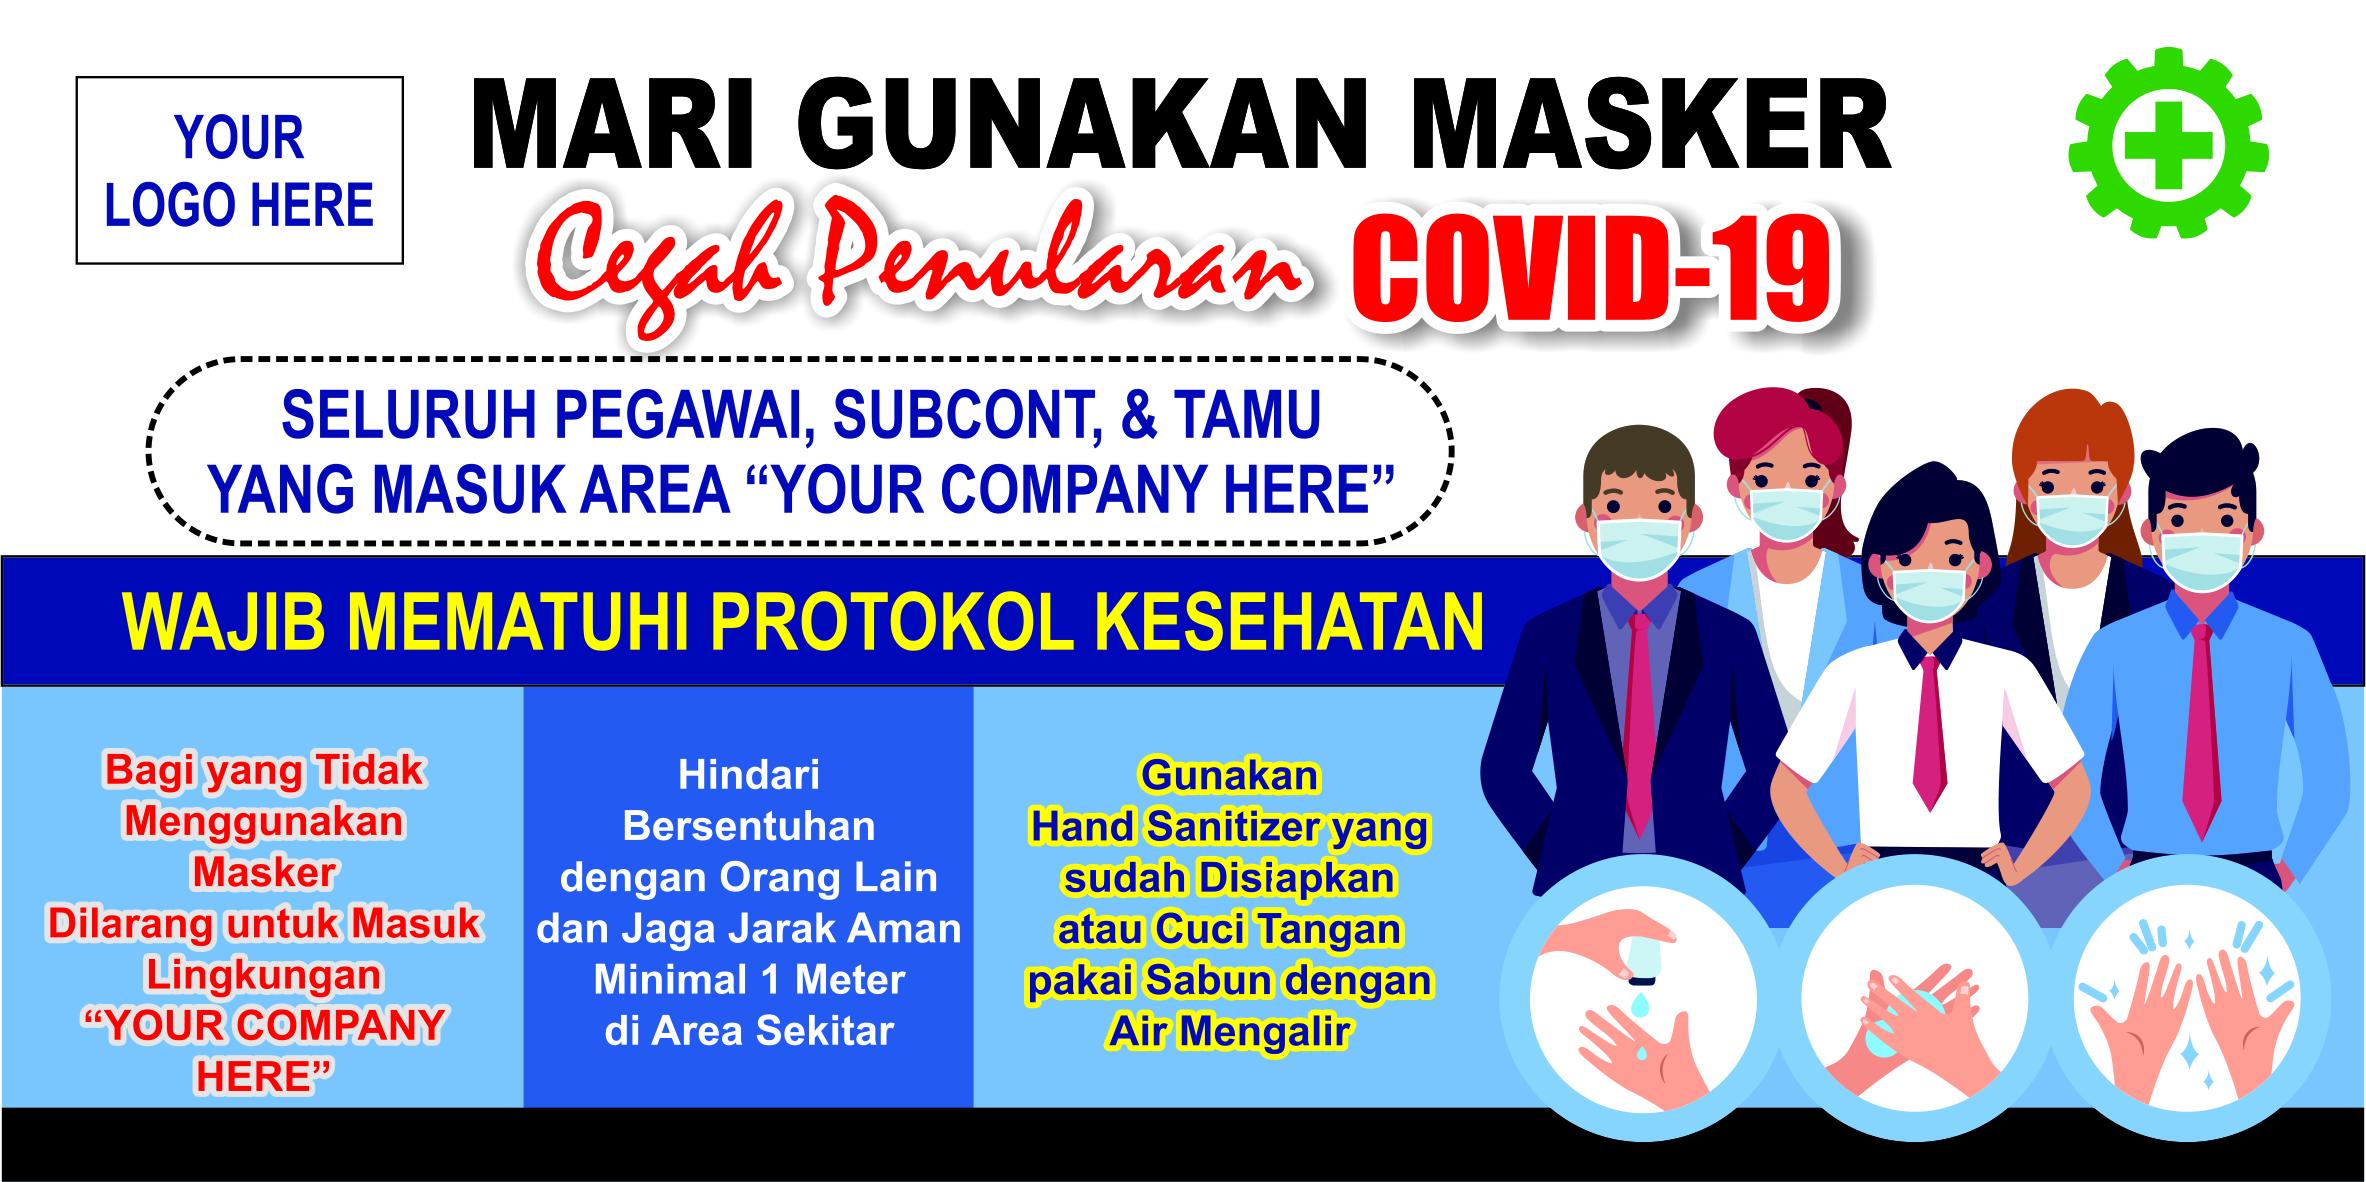 Banner Spanduk Covid 19 Corona Virus Untuk Kampanye Pencegahan